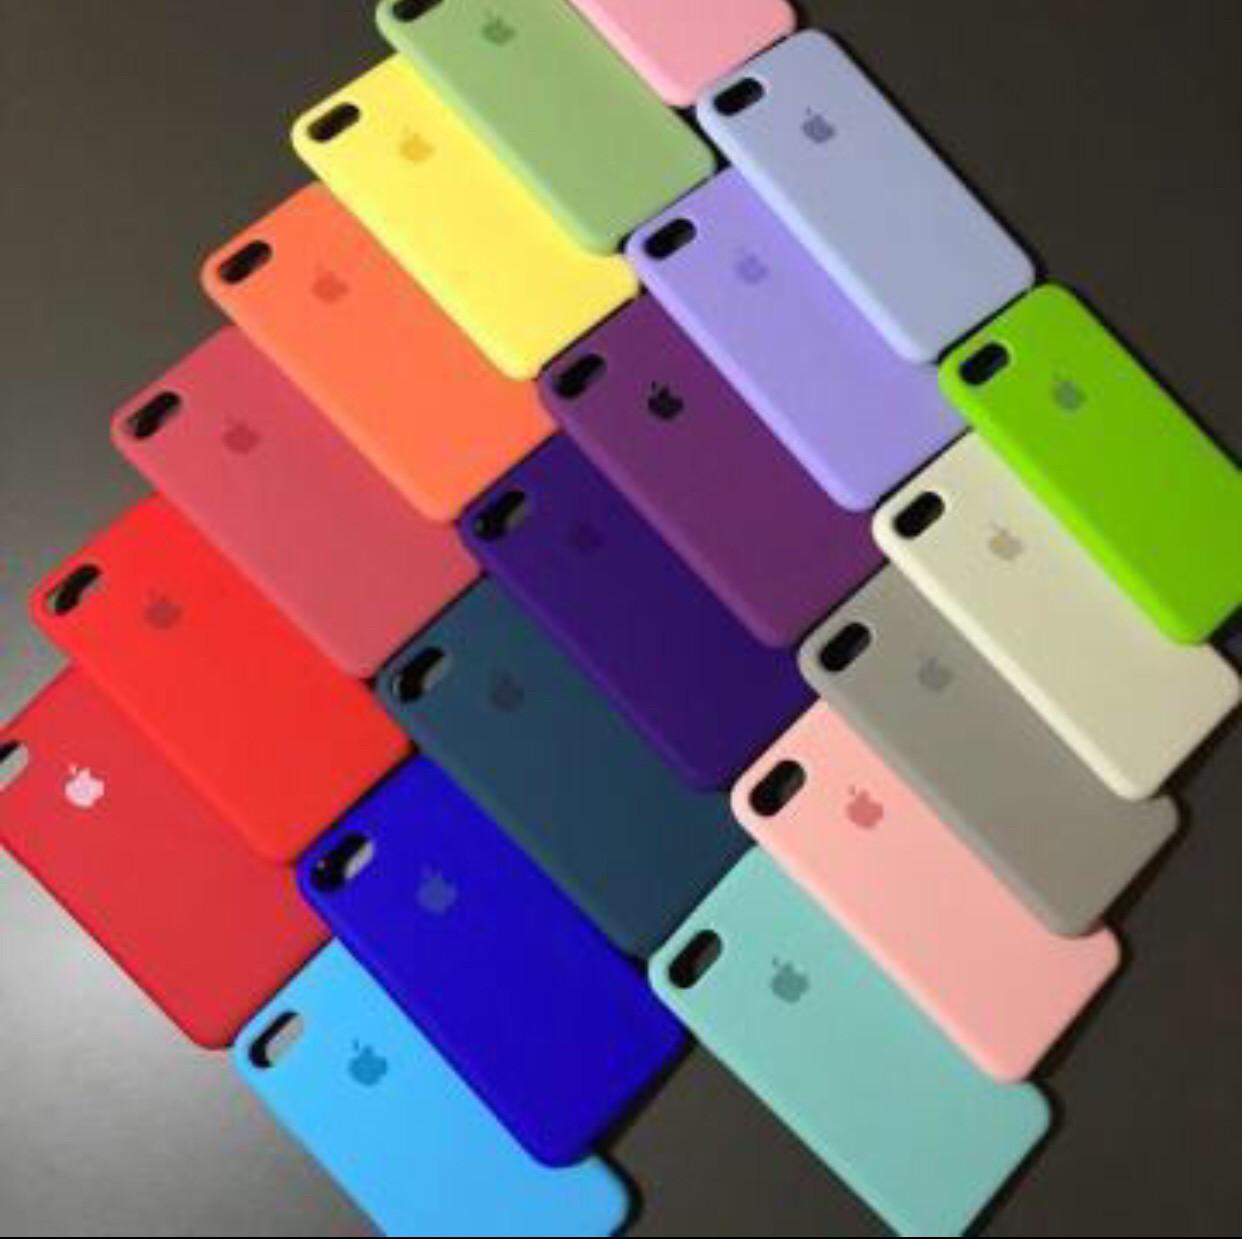 Силиконовый чехол для IPhone Silicone Case 6/7/8/Plus/X айфон